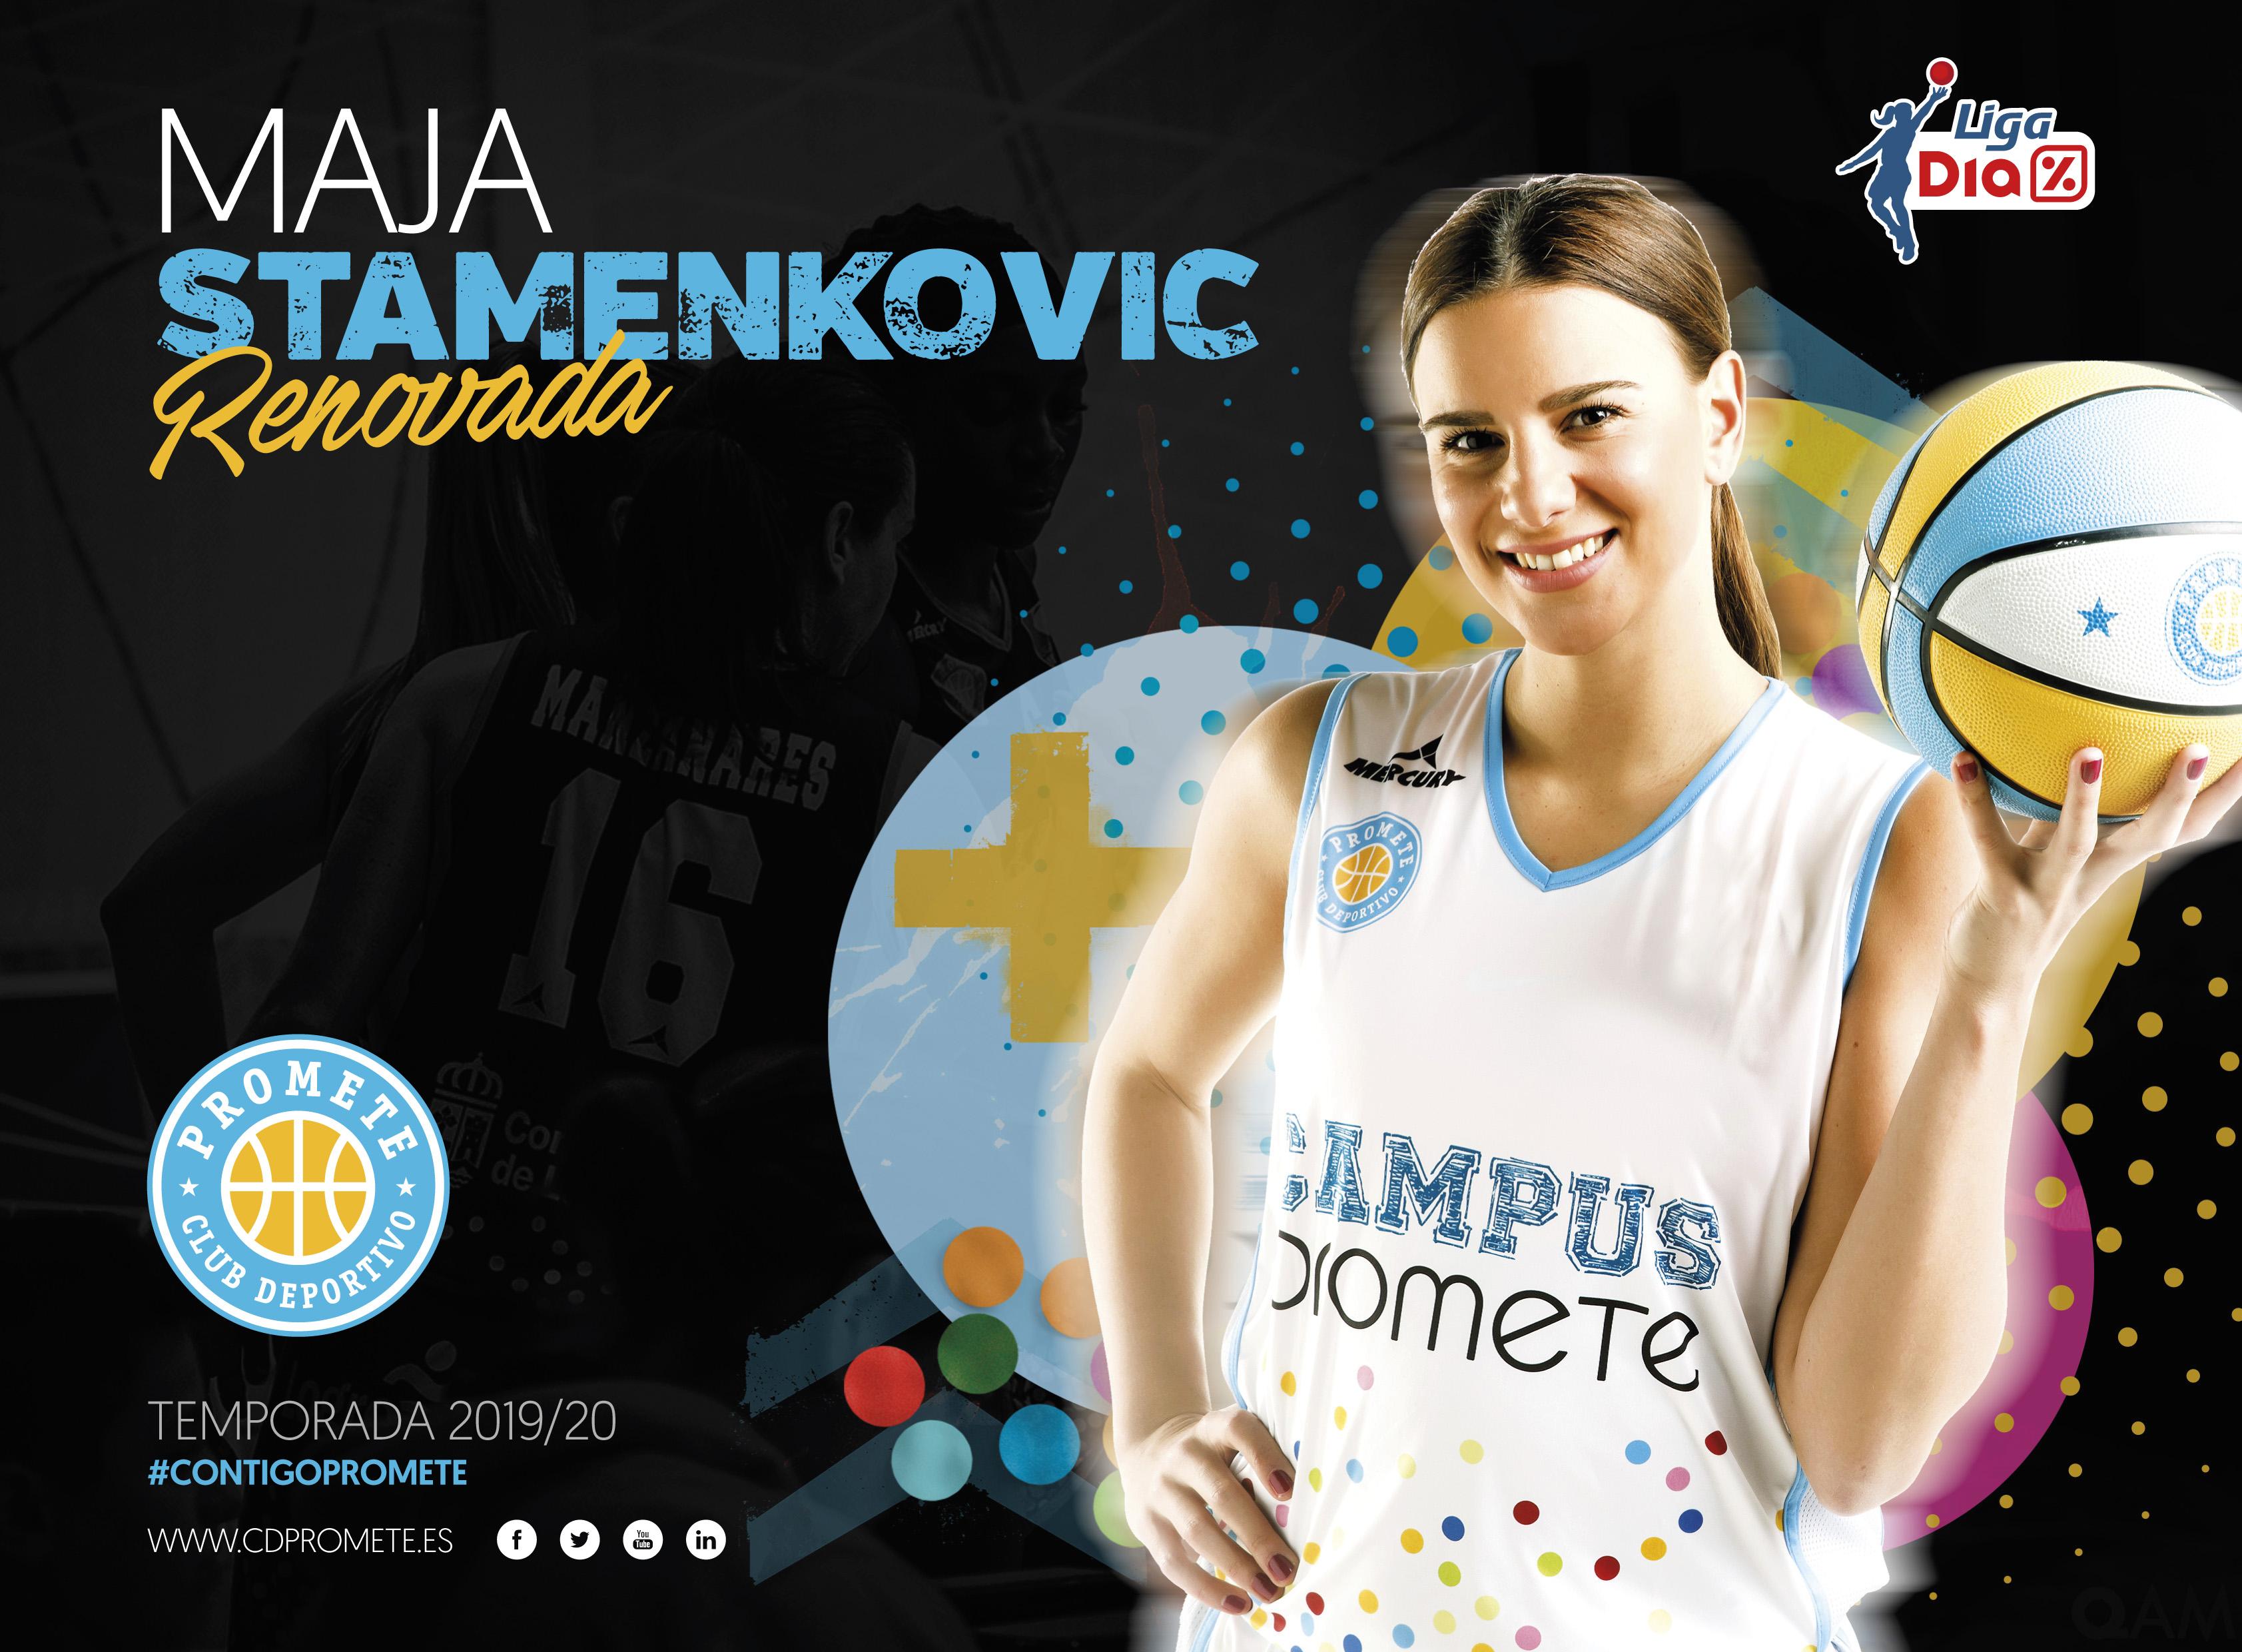 Maja Stamenkovic, sexta renovación del Campus Promete para Liga DIA